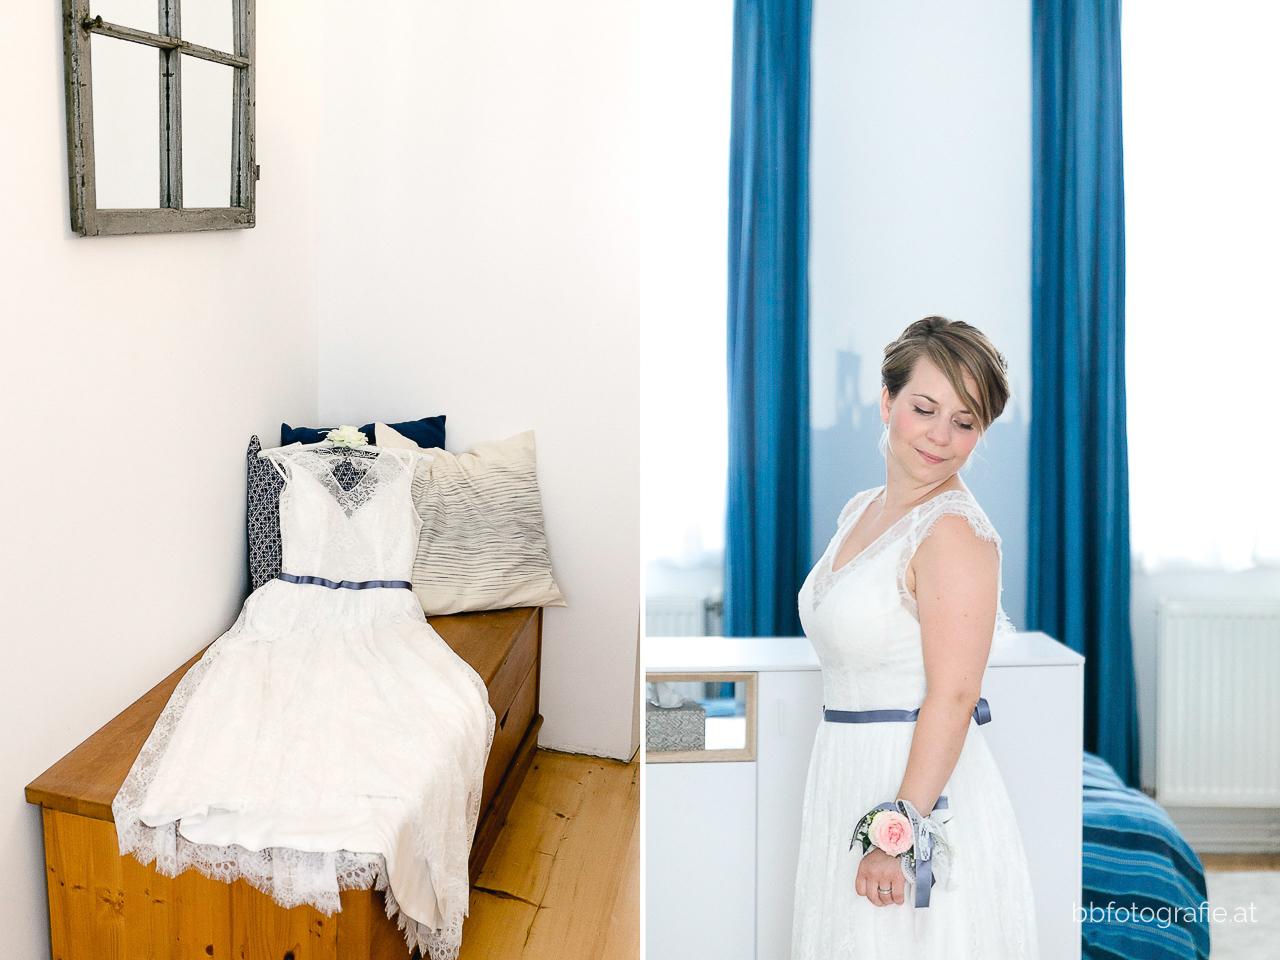 Hochzeitsfotograf, Hochzeitsfotograf Niederösterreich, Hochzeitslocation Niederösterreich, Getting-Ready, Hochzeitslocation Zieselrot in Schwechat, Hochzeit Kellergewölbe, b&b fotografie